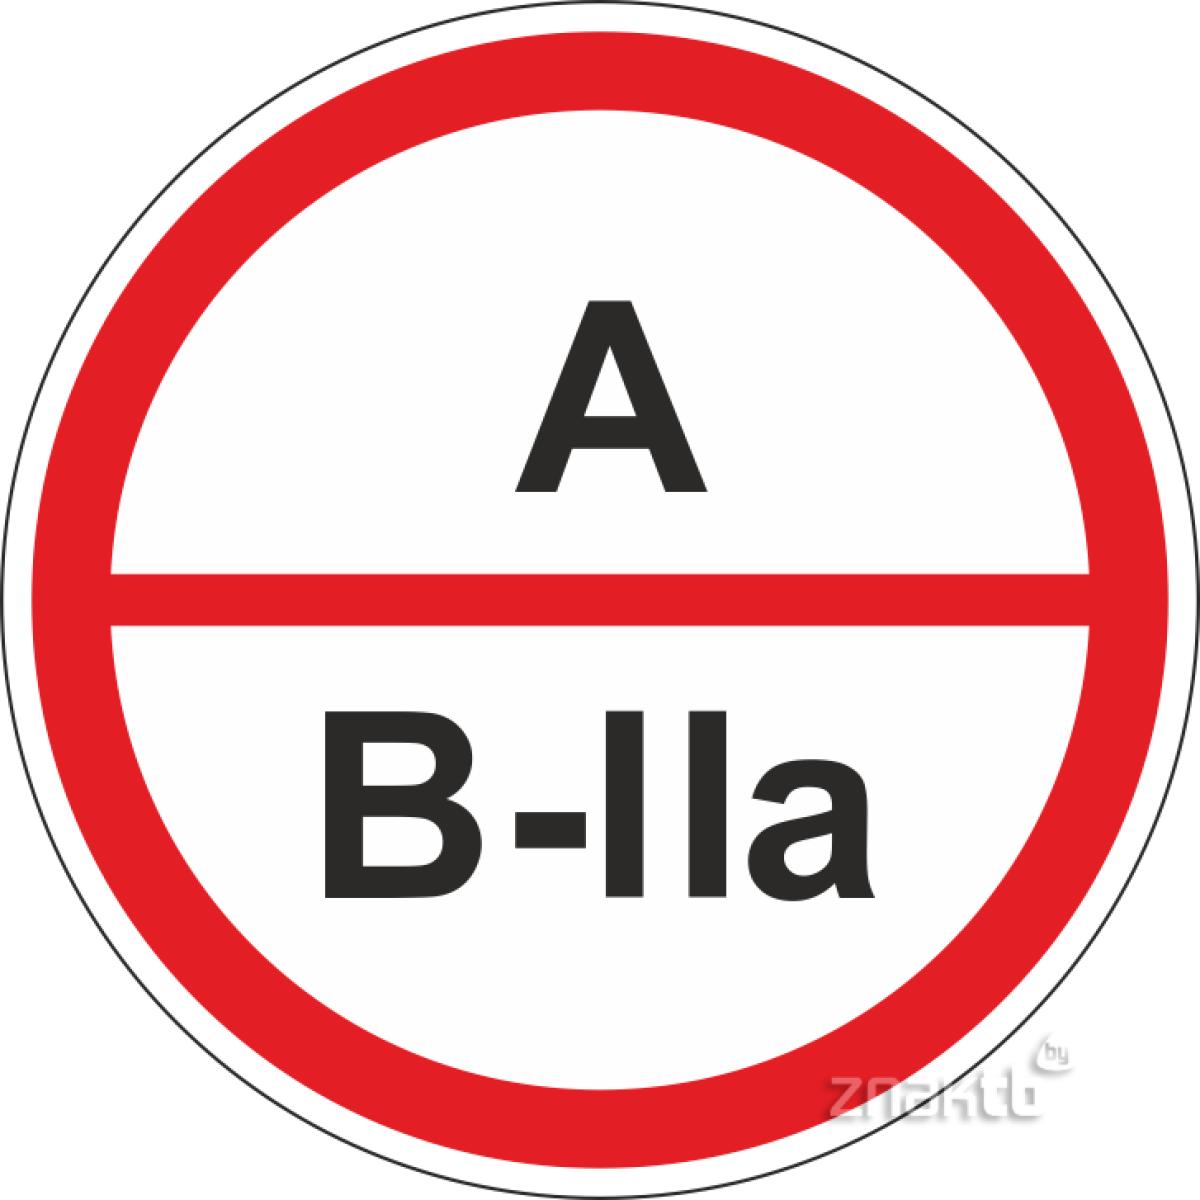 Знак А/В2а – повышенная взрывопожароопасность.